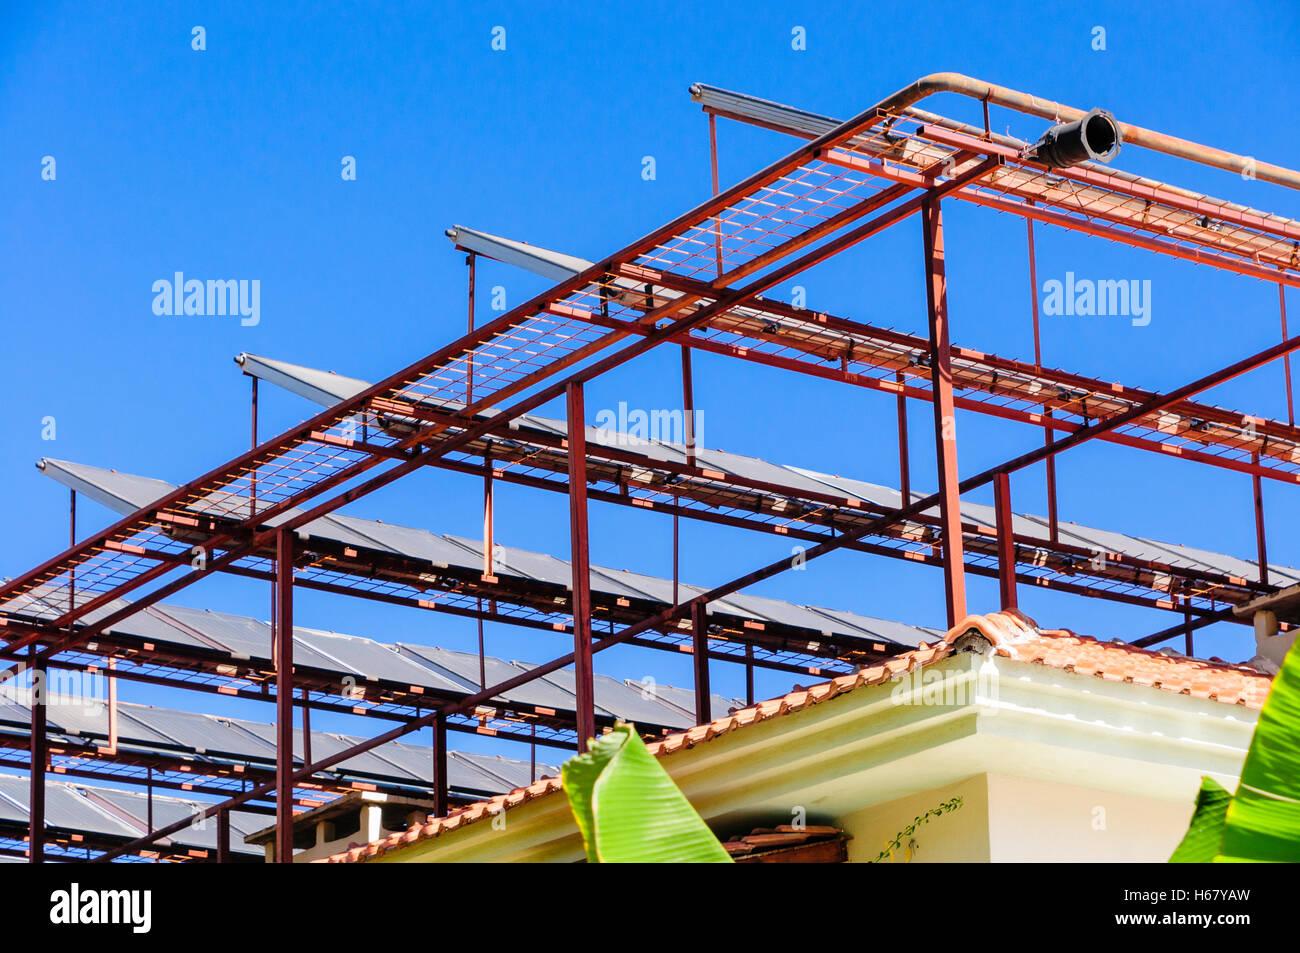 Paneles solares en un marco de metal en el techo de un edificio en un clima caliente Imagen De Stock